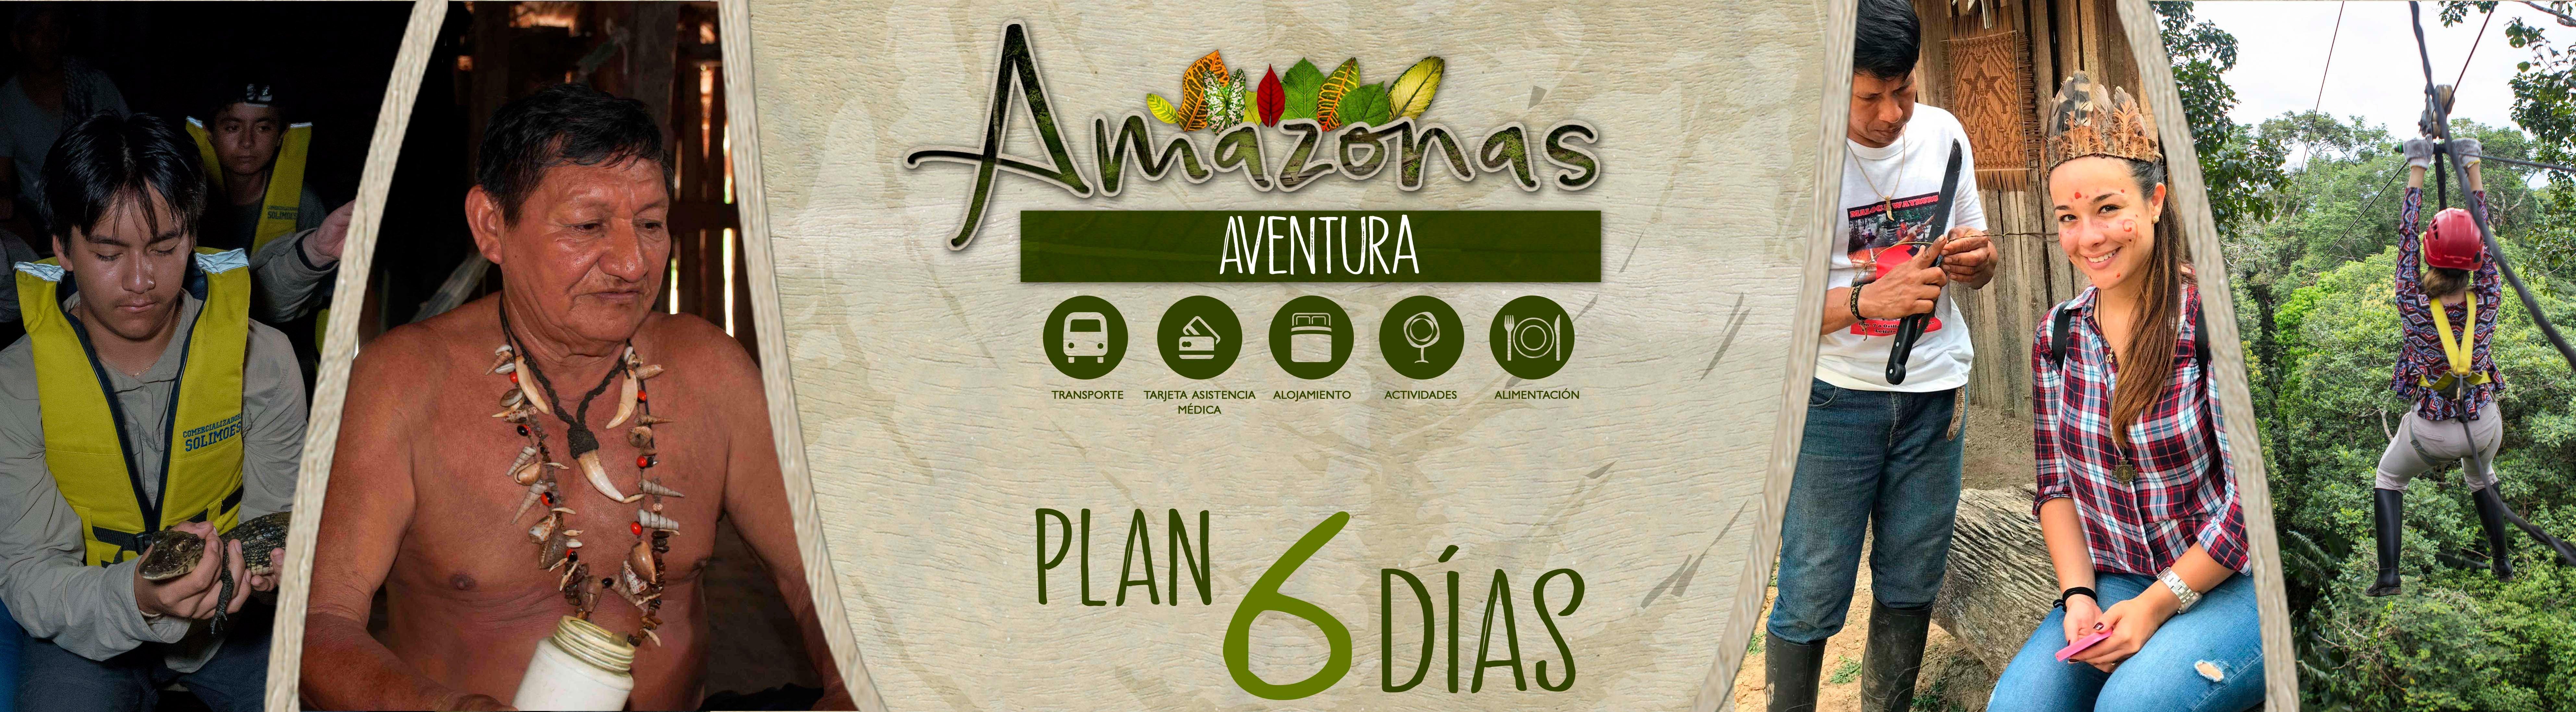 aventura 6 DIAS